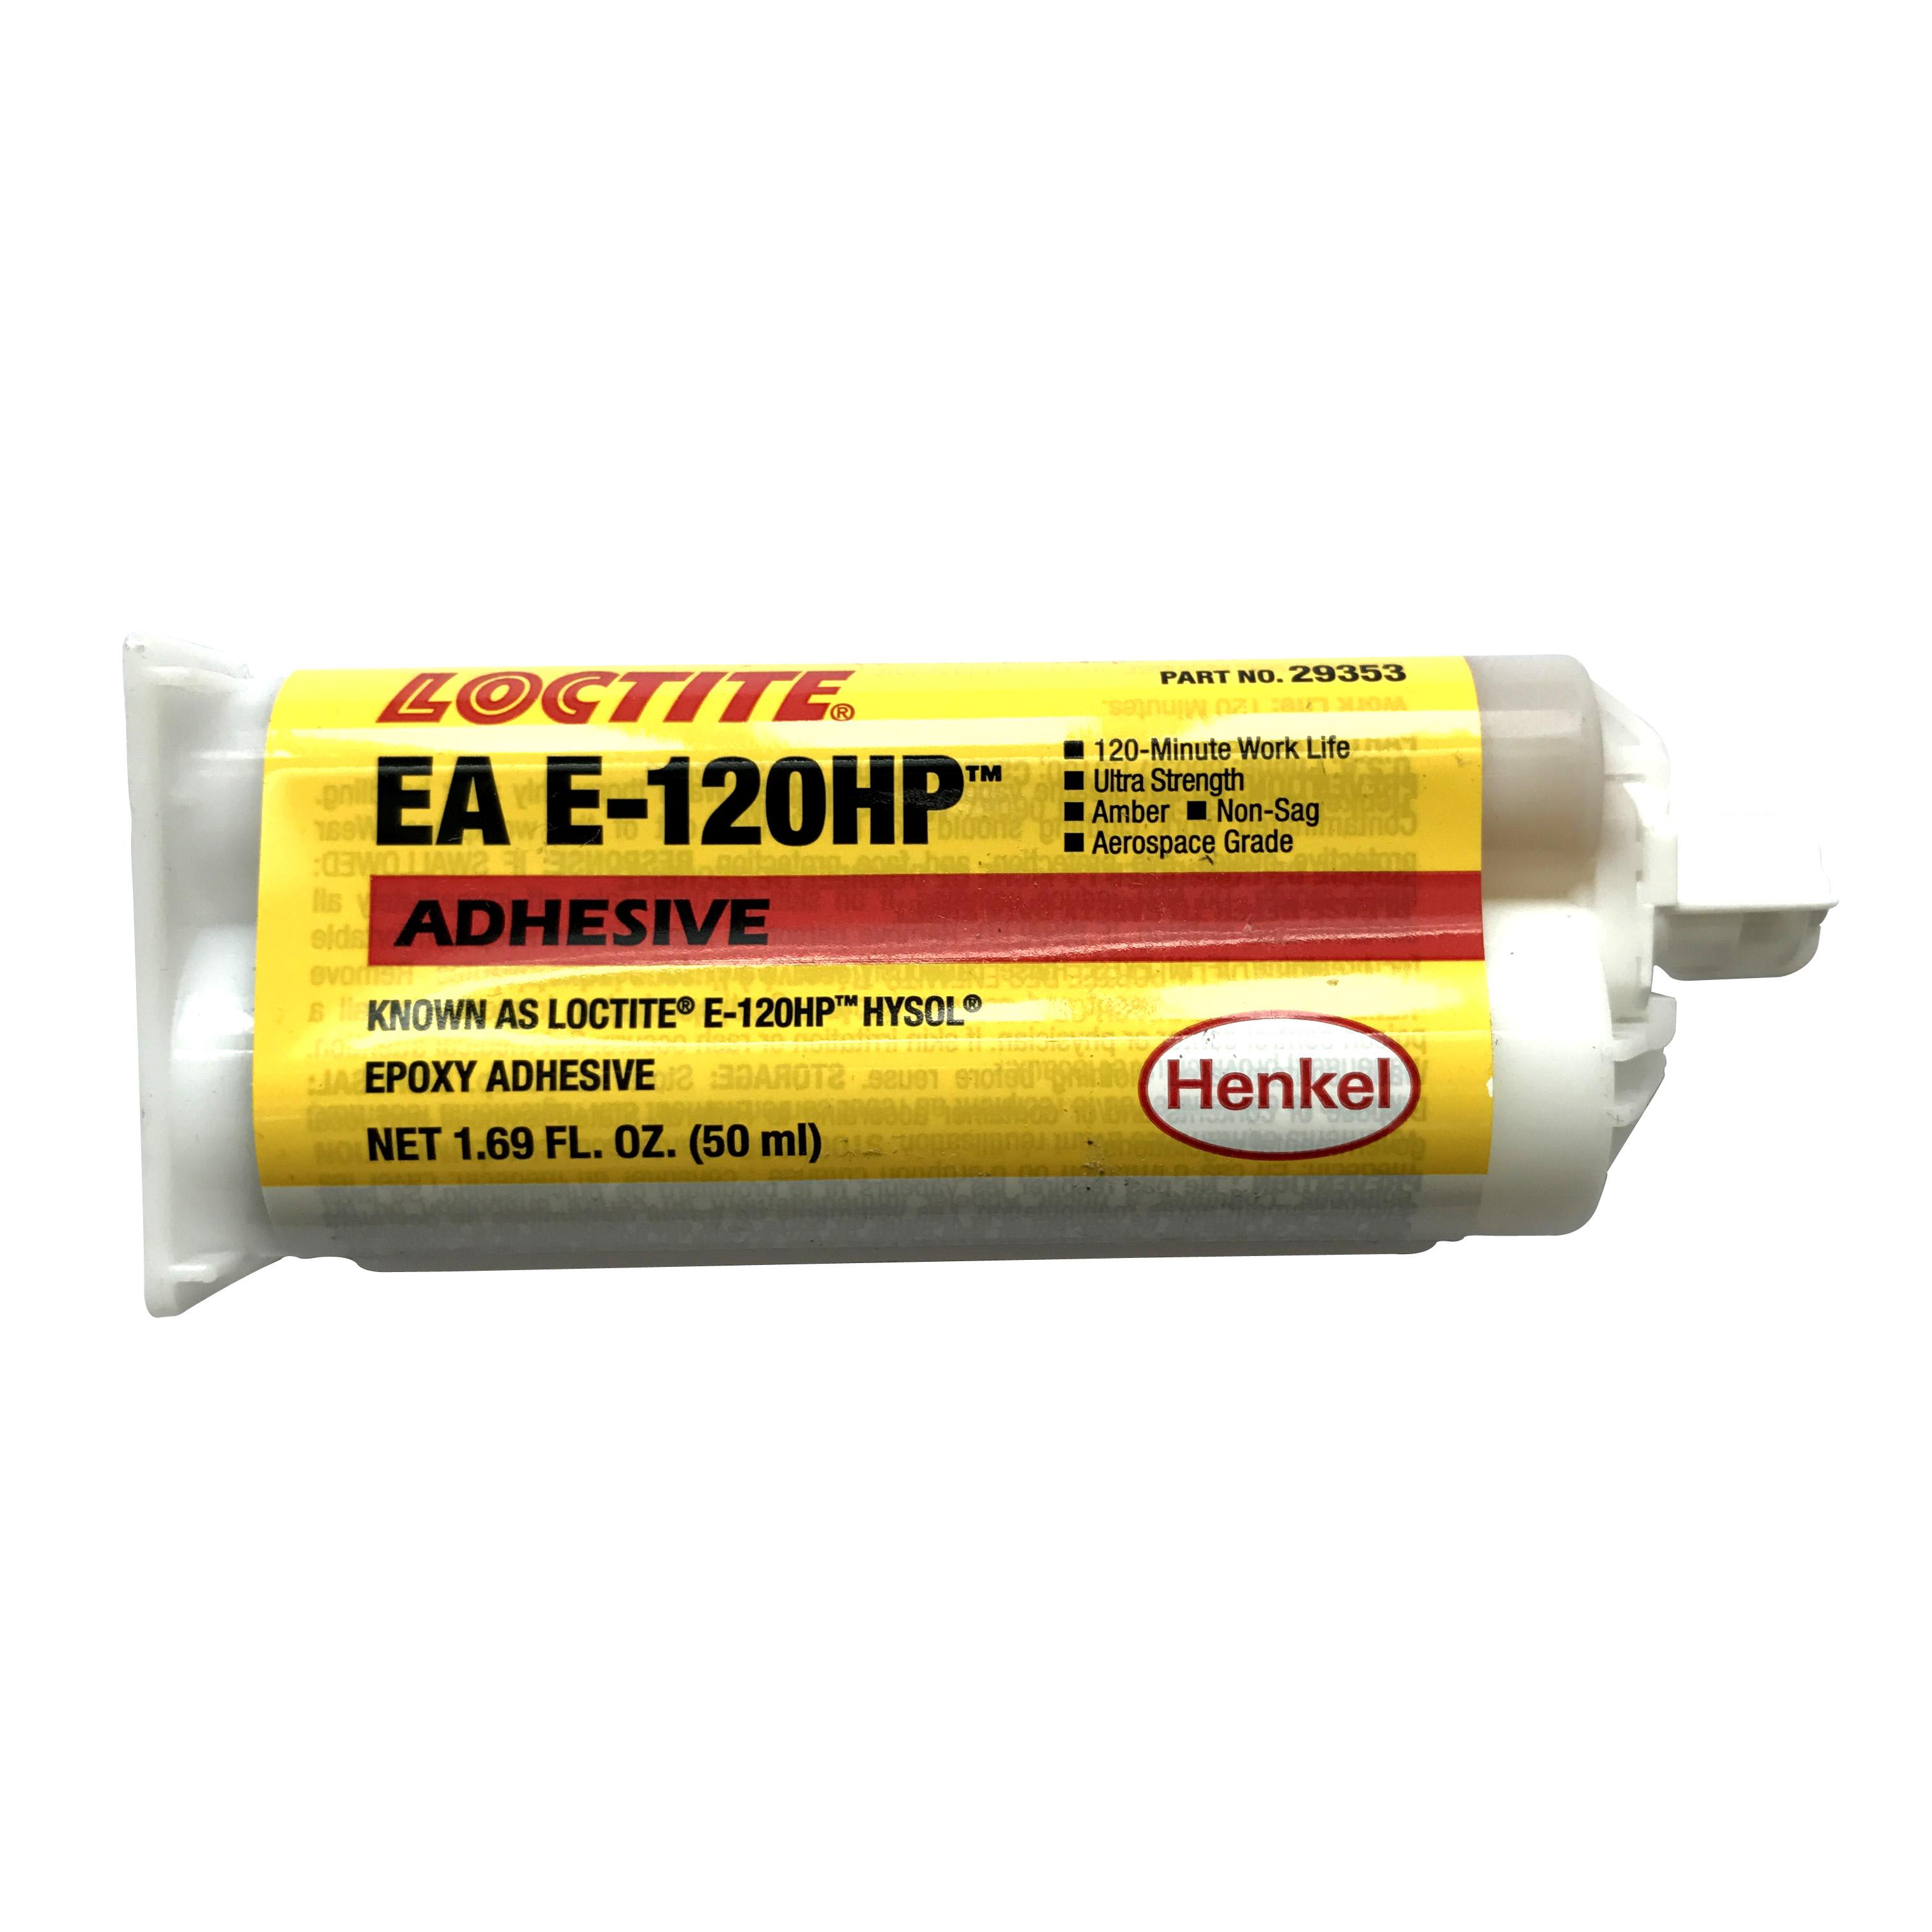 LOCTITE E-120HP环氧胶